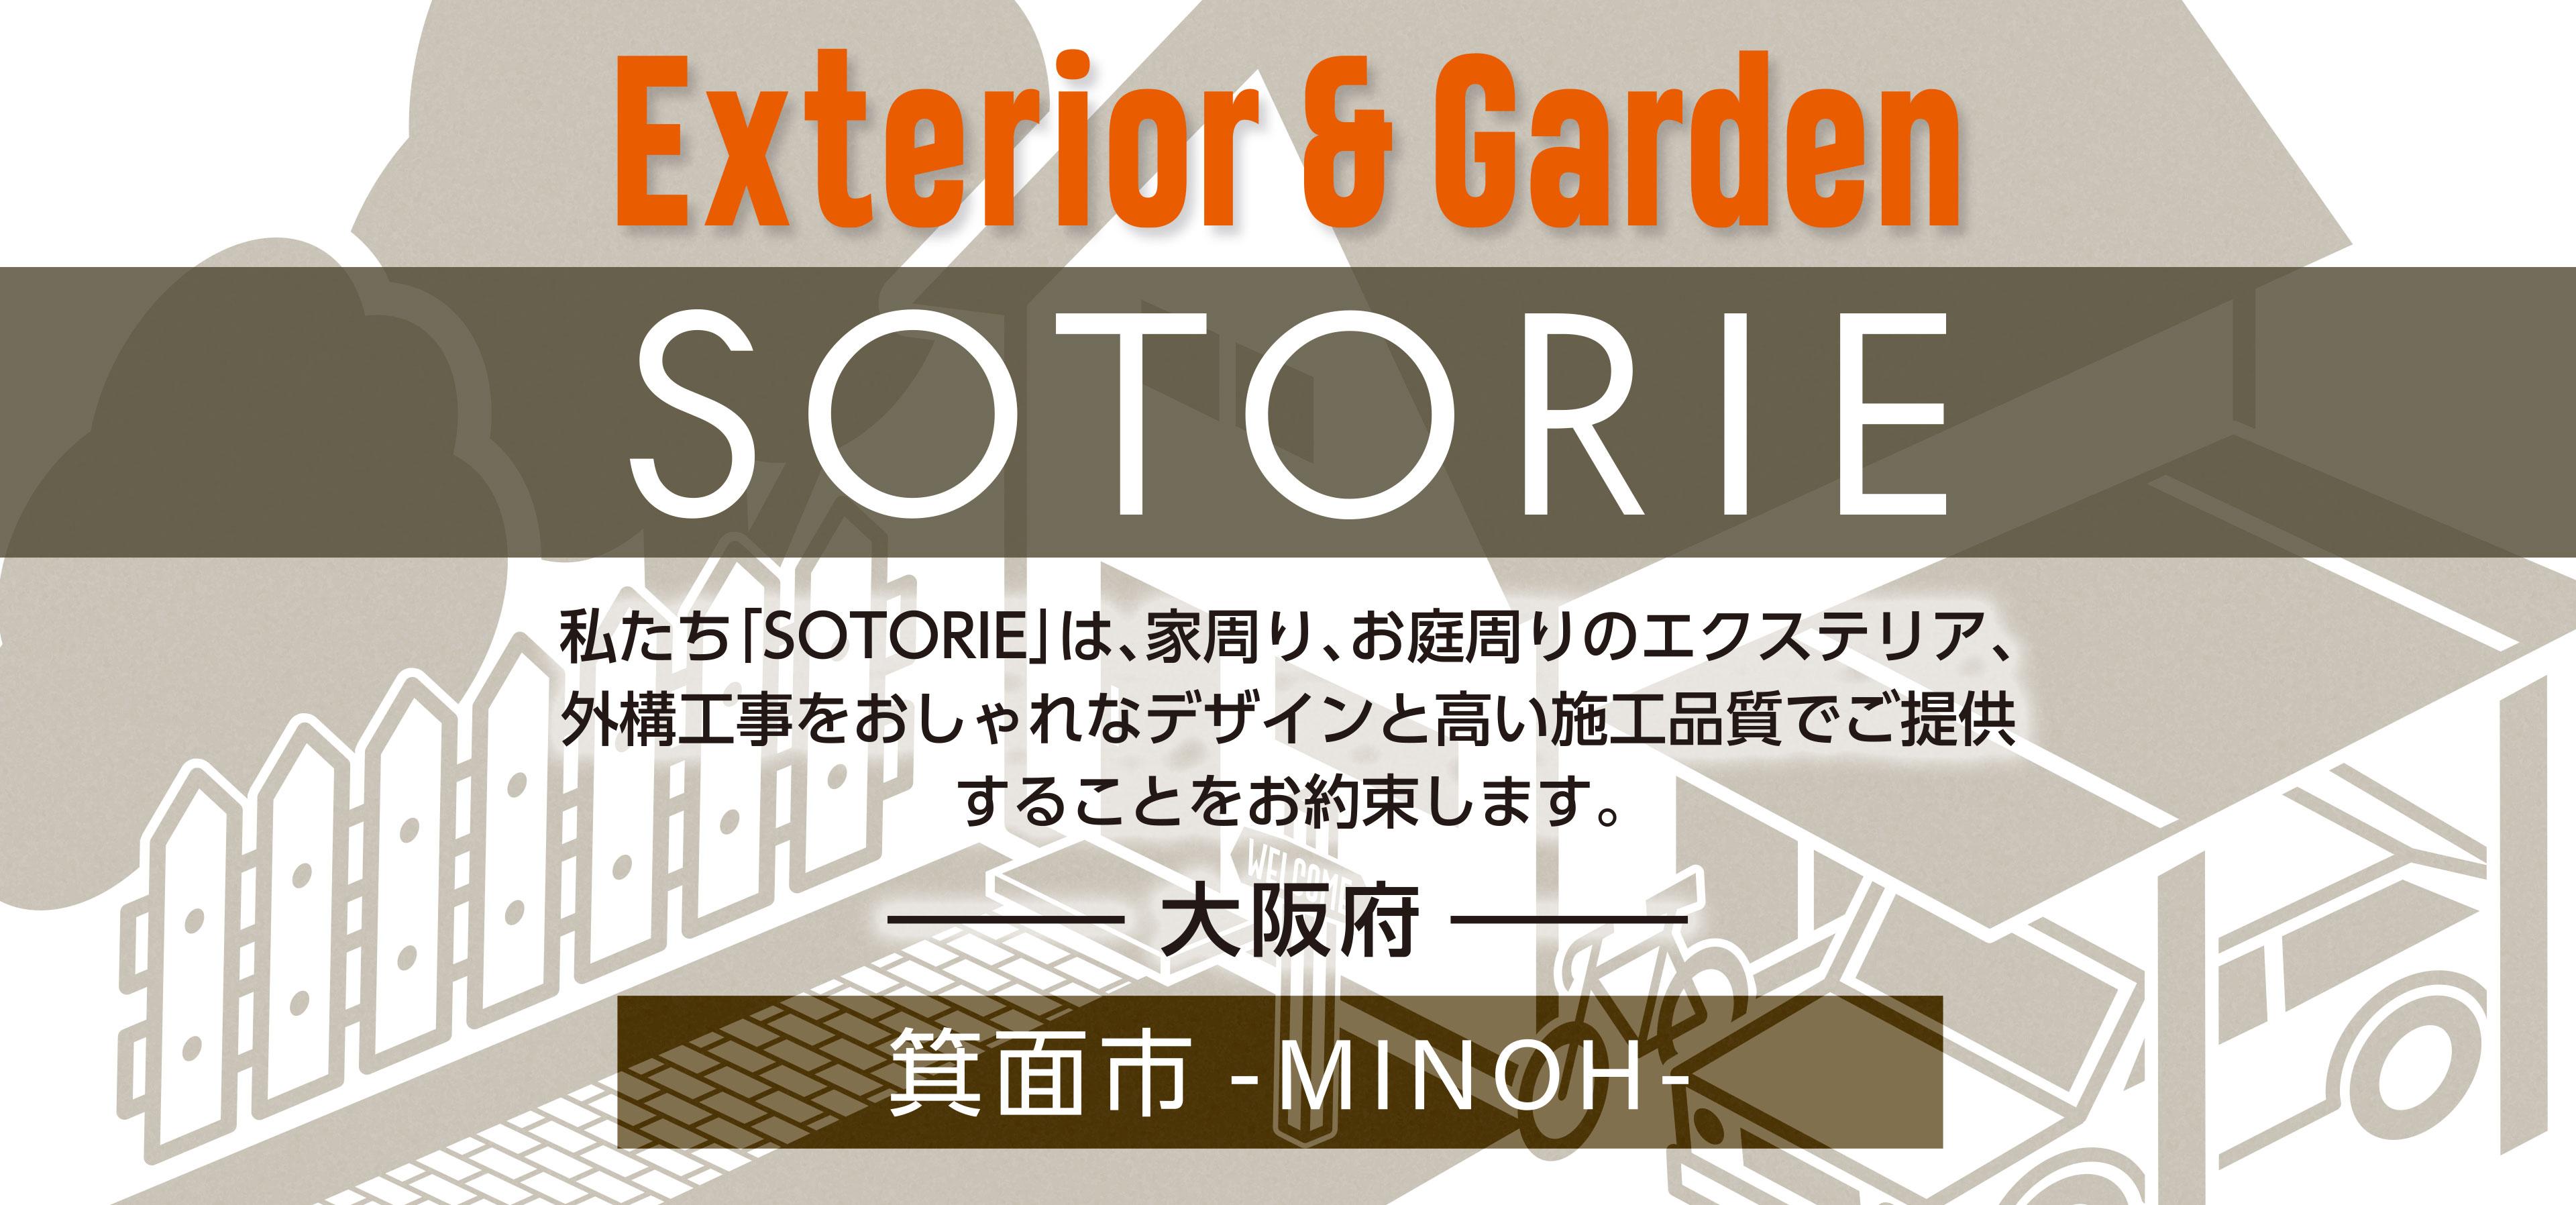 ソトリエ箕面市では、家周りと庭周りの外構、エクステリア工事をおしゃれなデザインと高い施工品質でご提供することをお約束します。